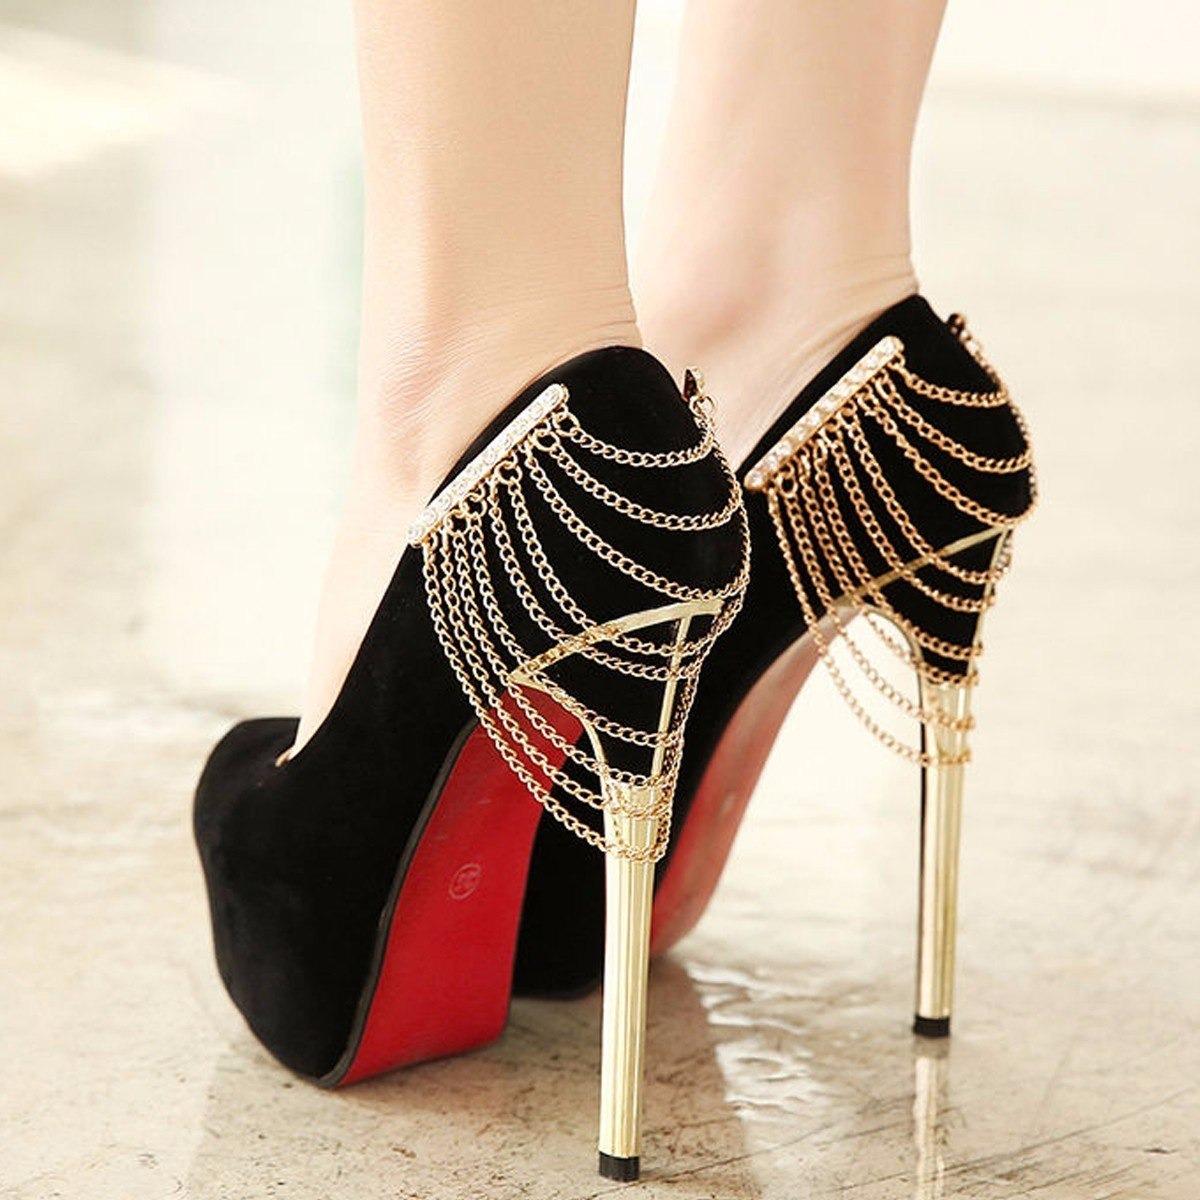 731a12c3c7 sandália feminina sapato scarpin salto alto preto fino luxo. Carregando zoom .